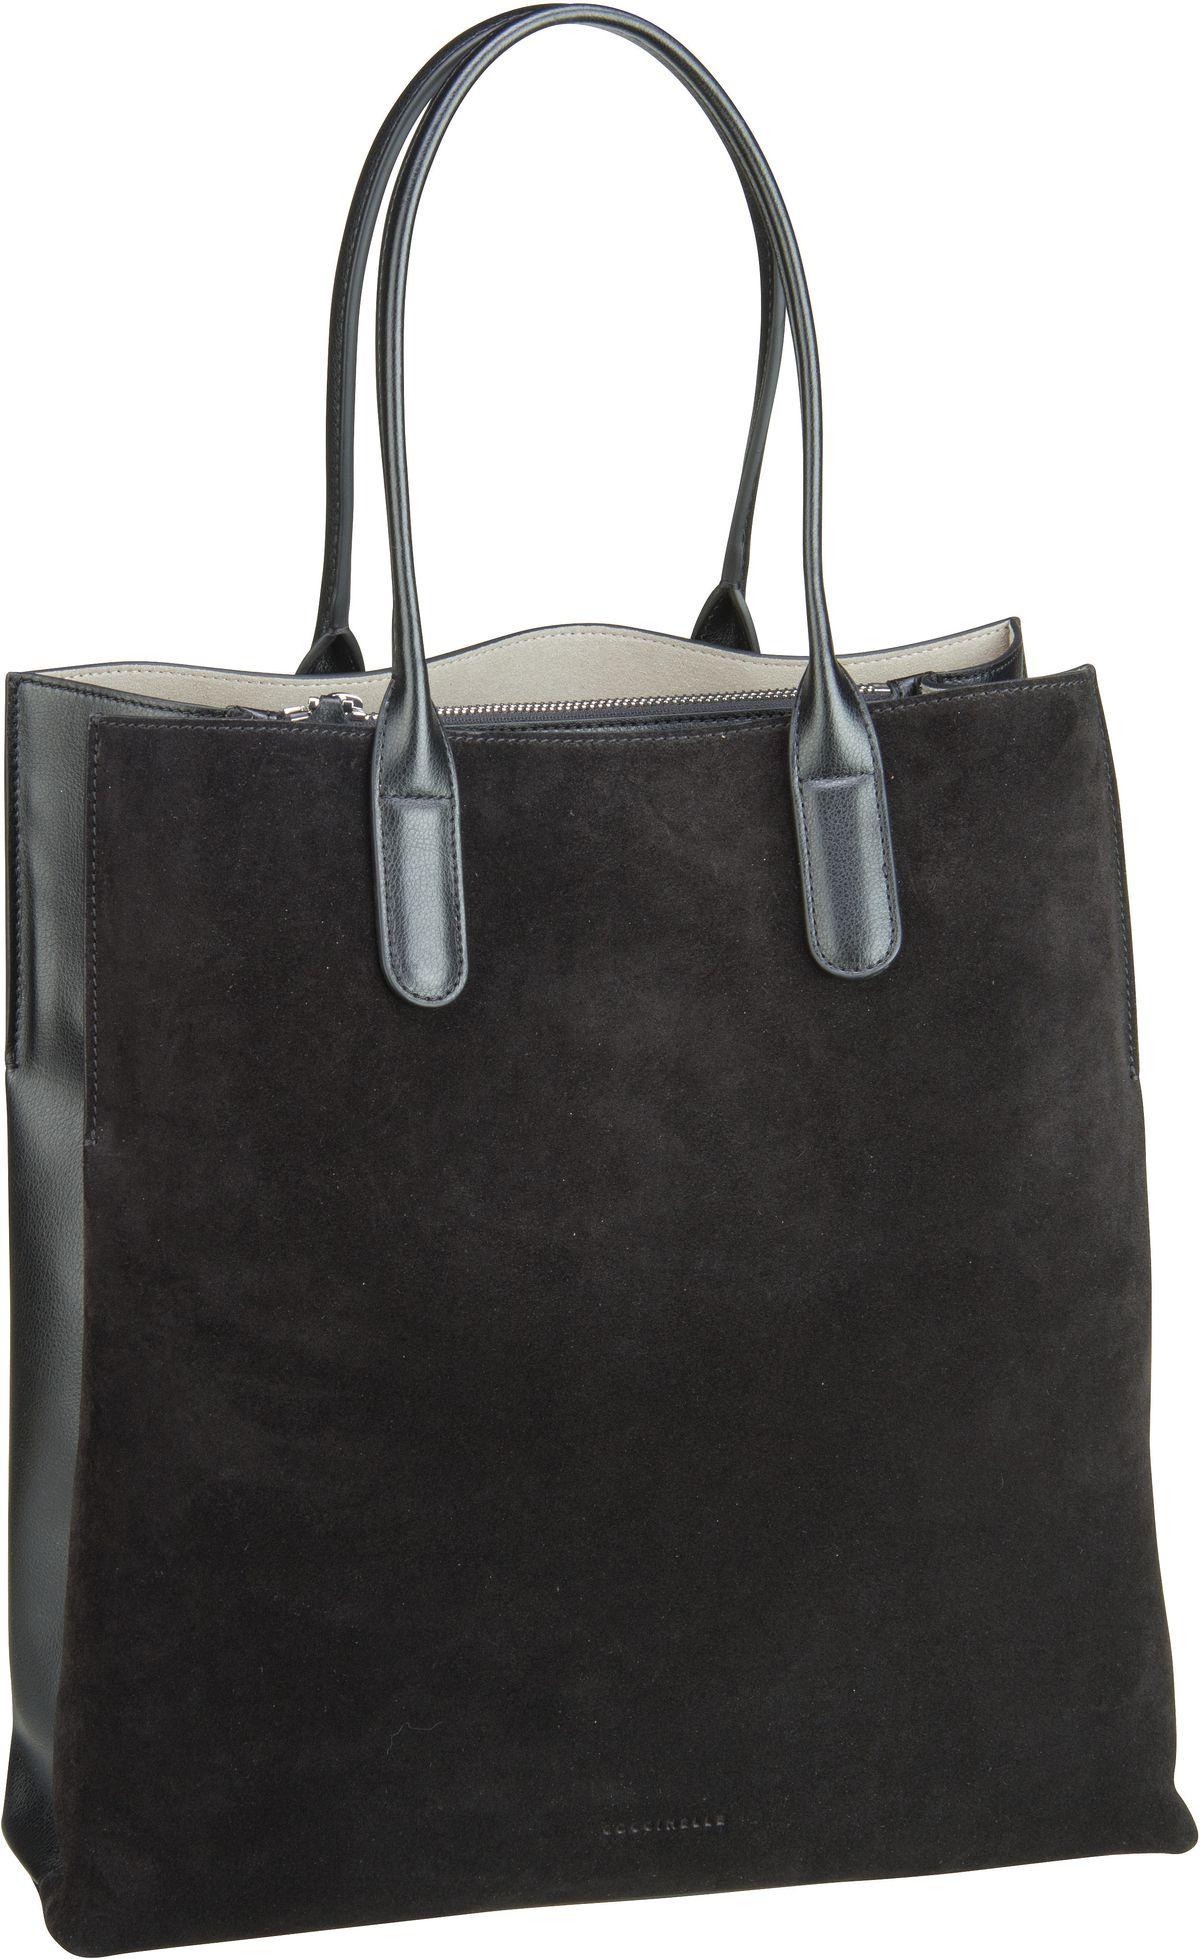 Handtasche Sandy Bimaterial 1101 Nero